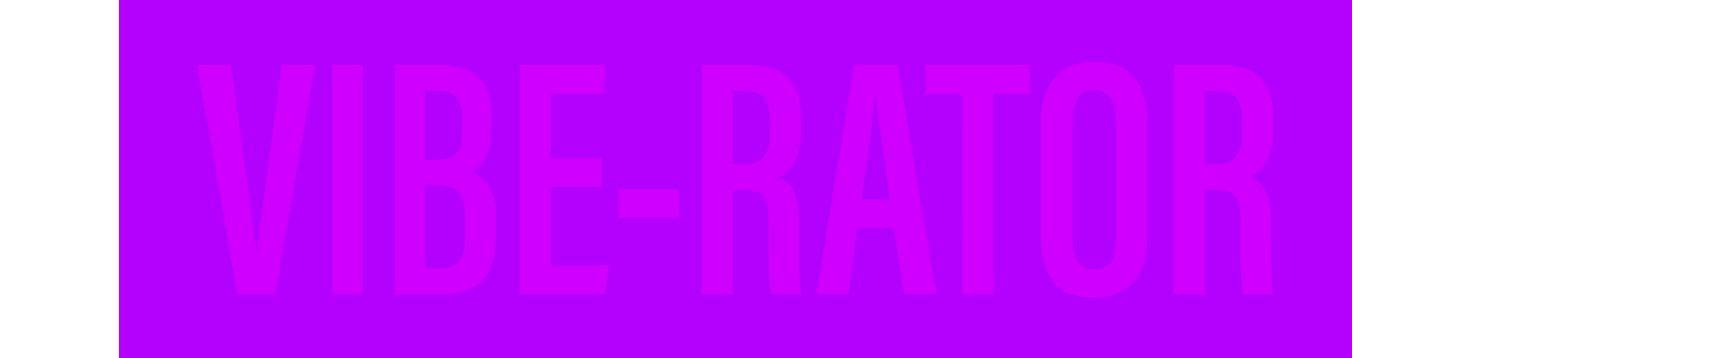 vibe rator.png